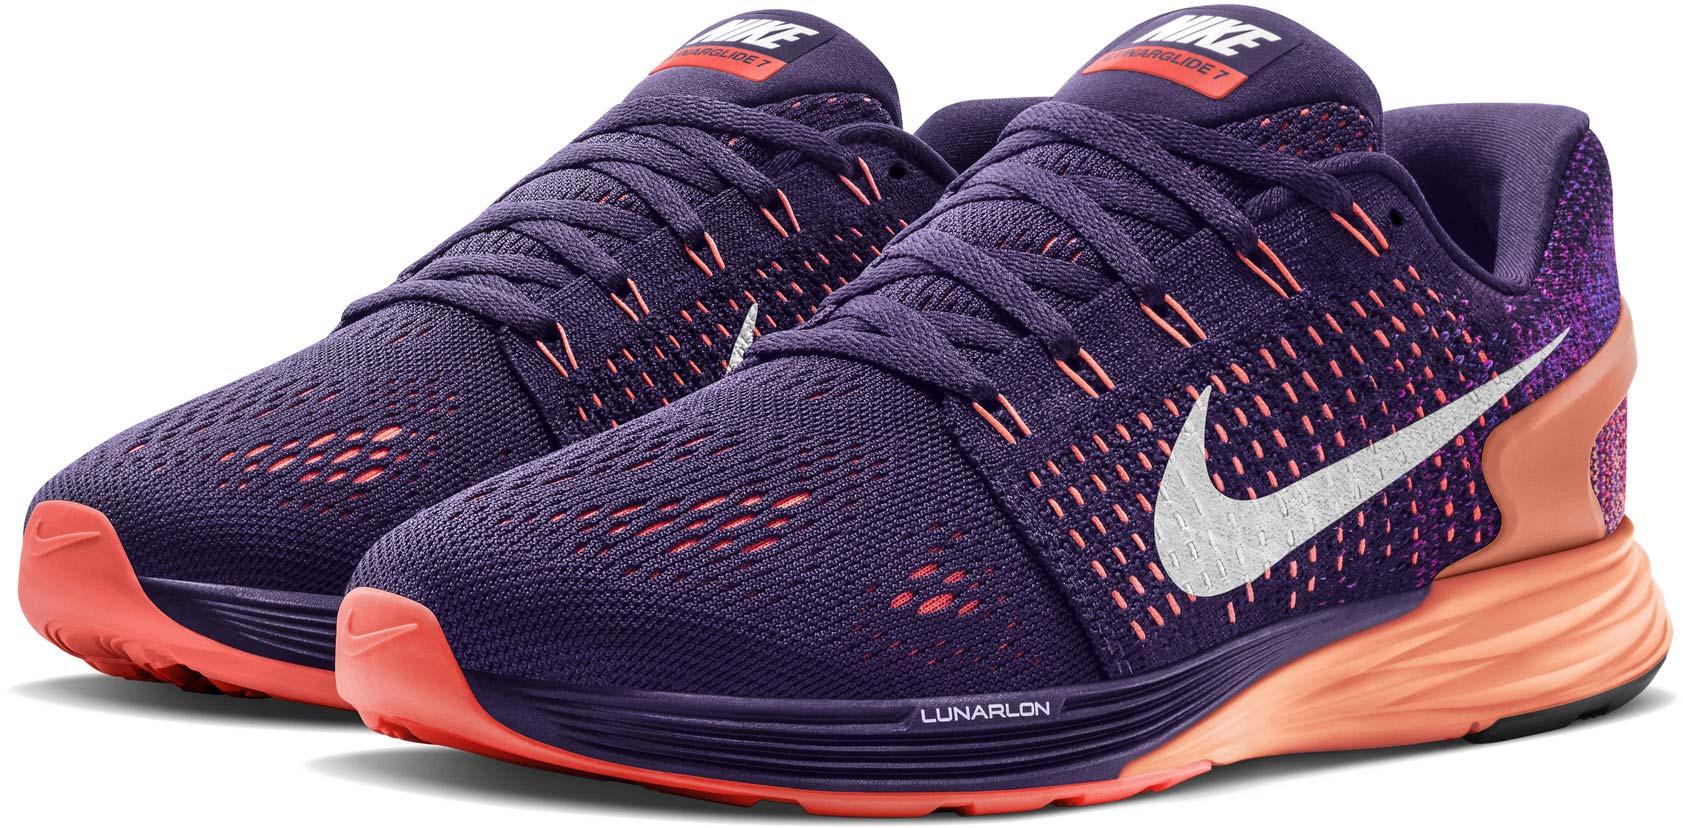 a0d7e46da LUNARGLIDE 7 W - Women s Running Shoe